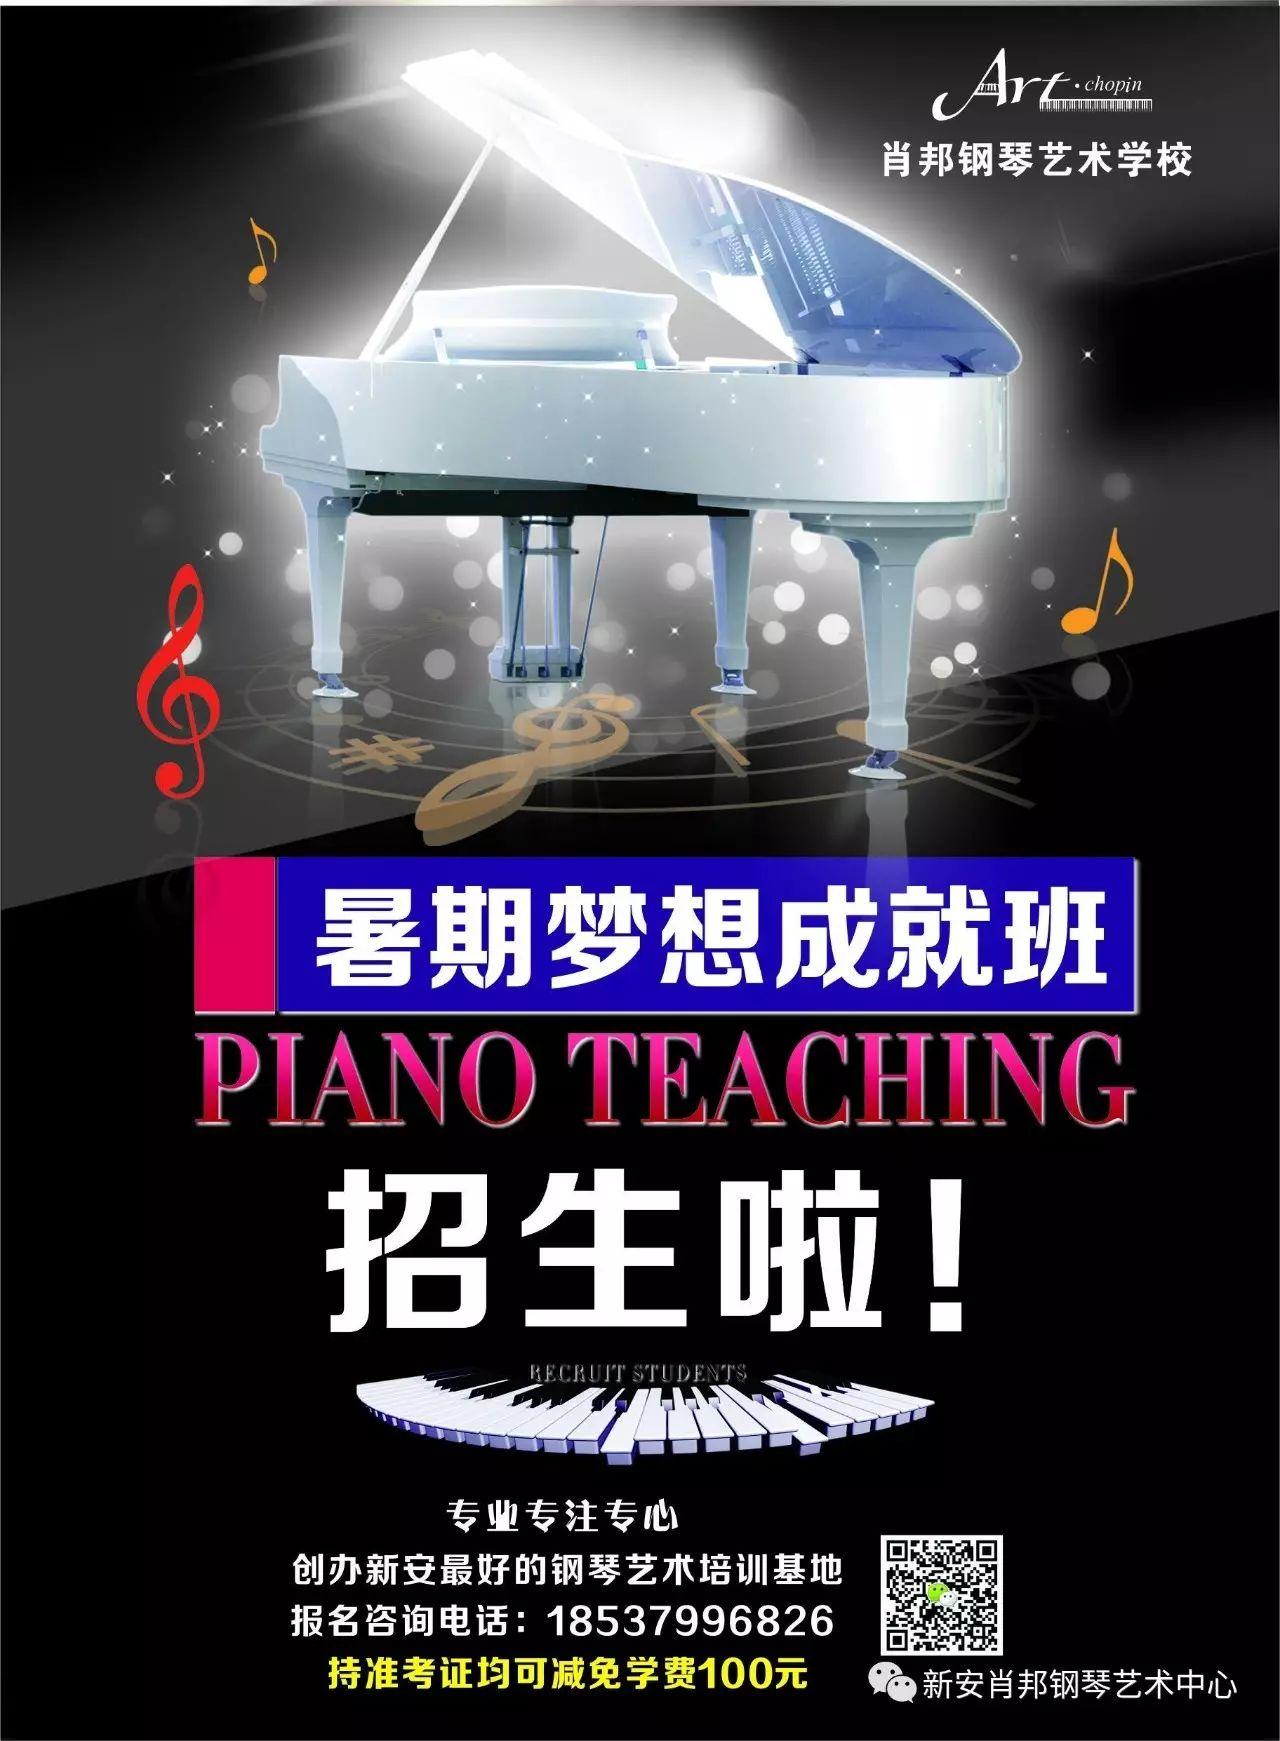 【肖邦钢琴艺术中心】暑期艺术圆梦班报名抢位开始,若爱即来!